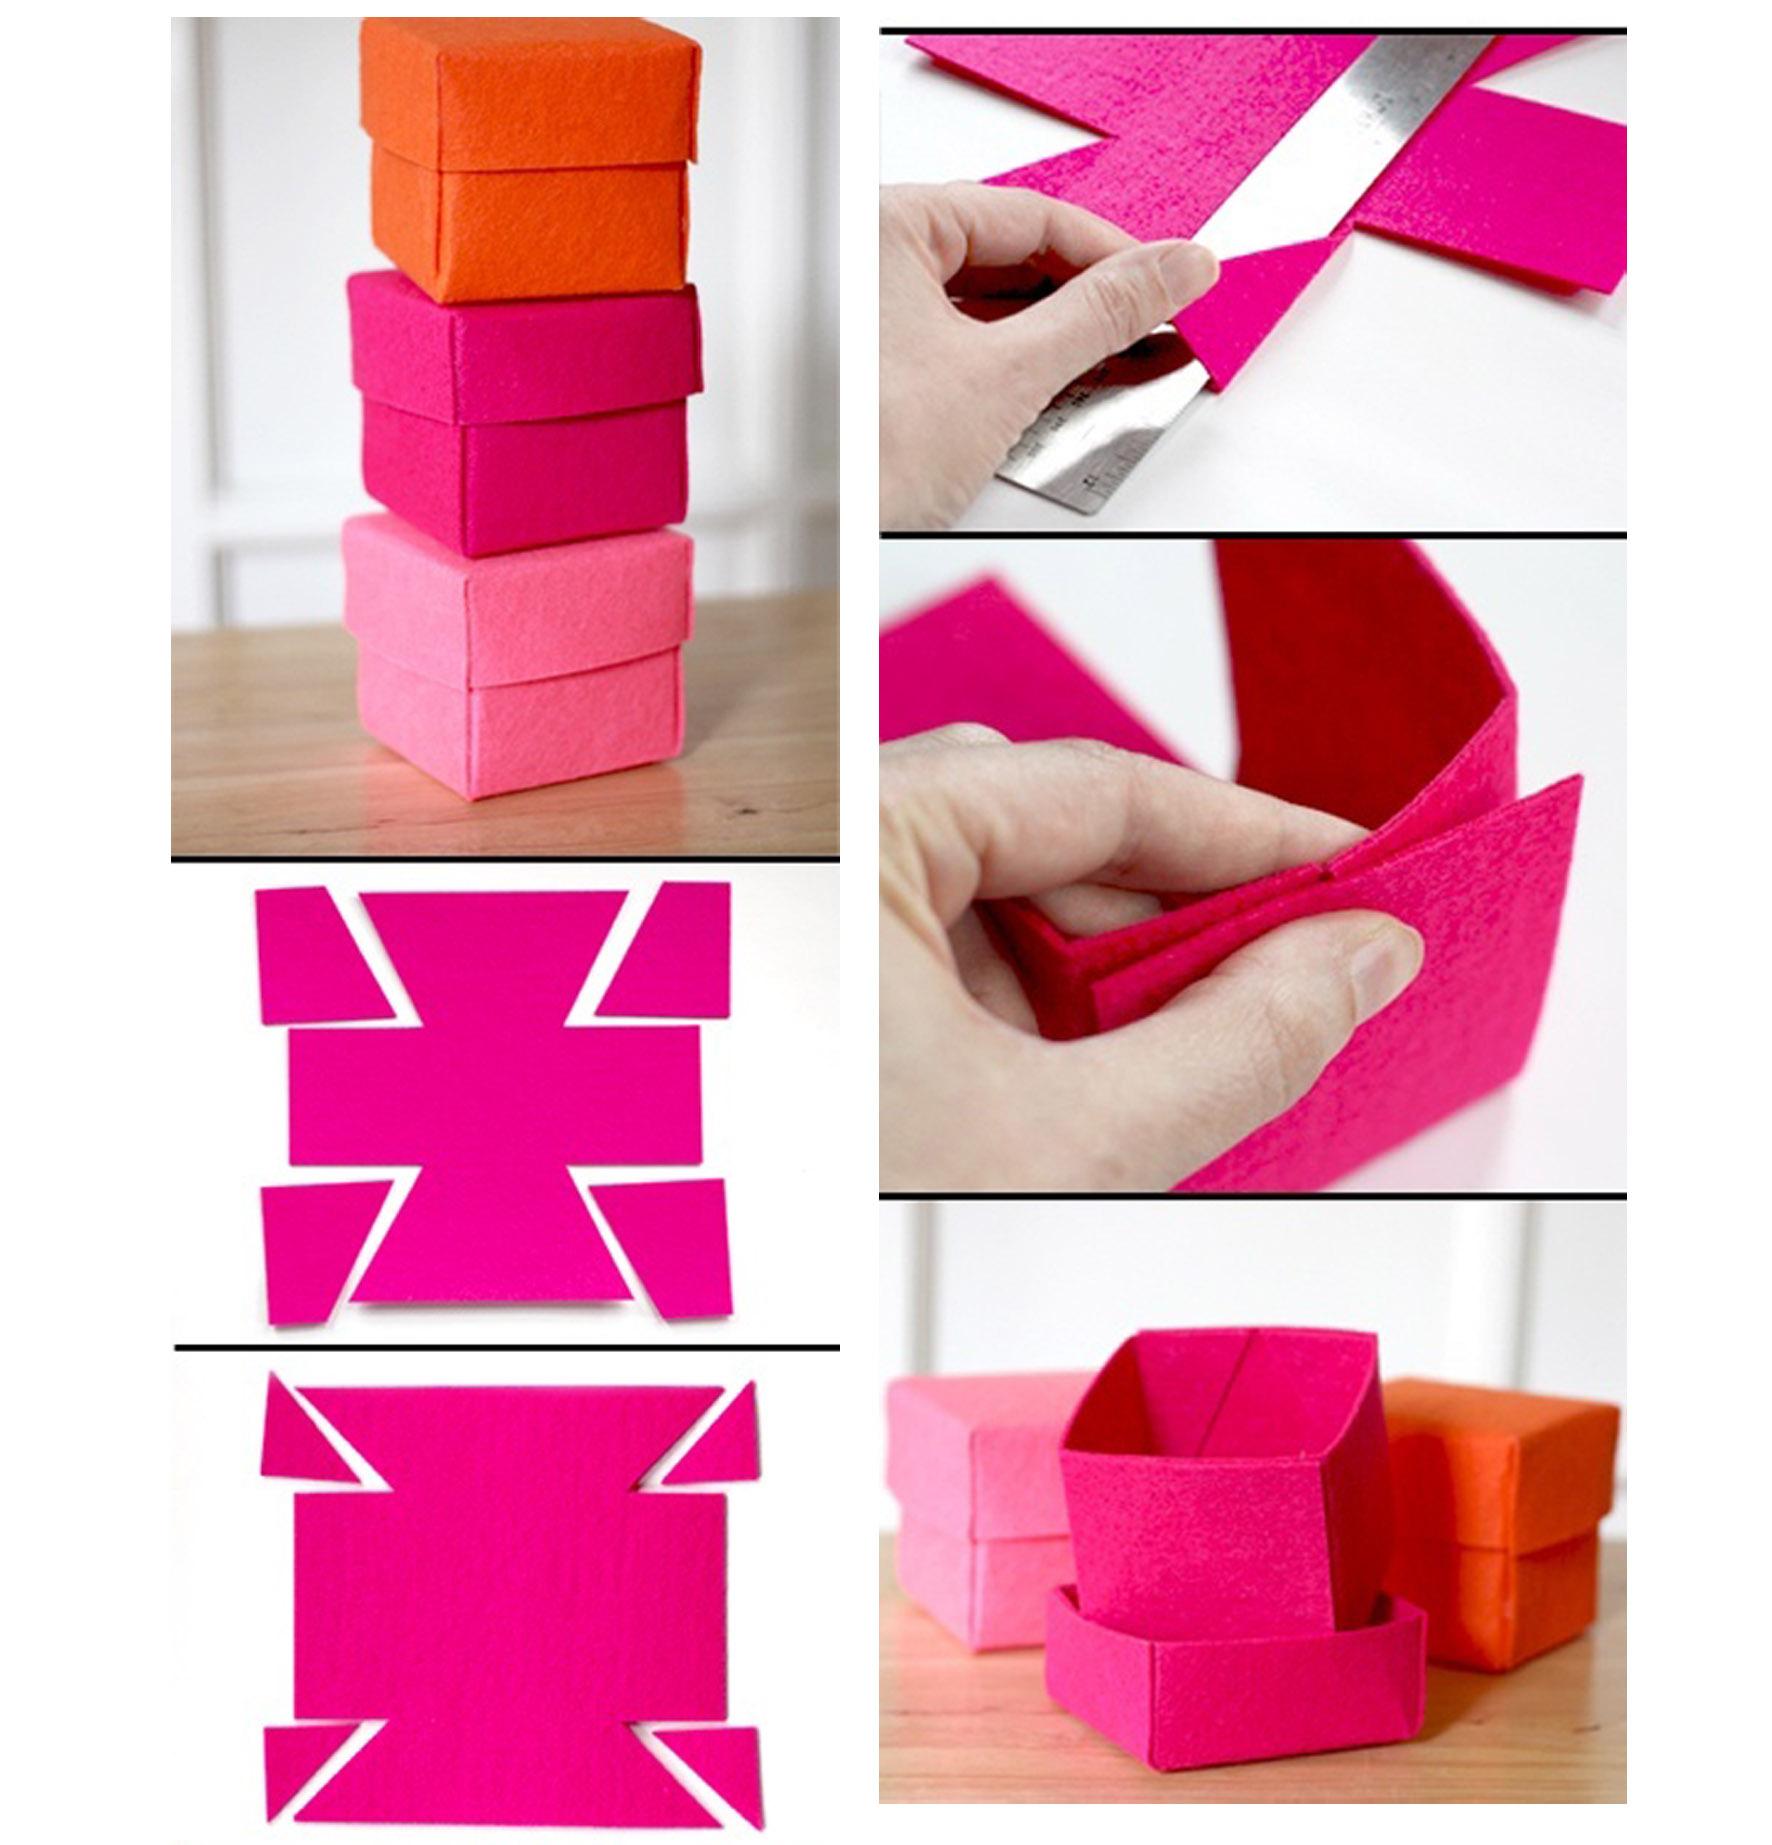 Как сложить коробку из картона и бумаги: схема картонной коробки из под пиццы, для торта, большую для переезда – видео как сложить коробку